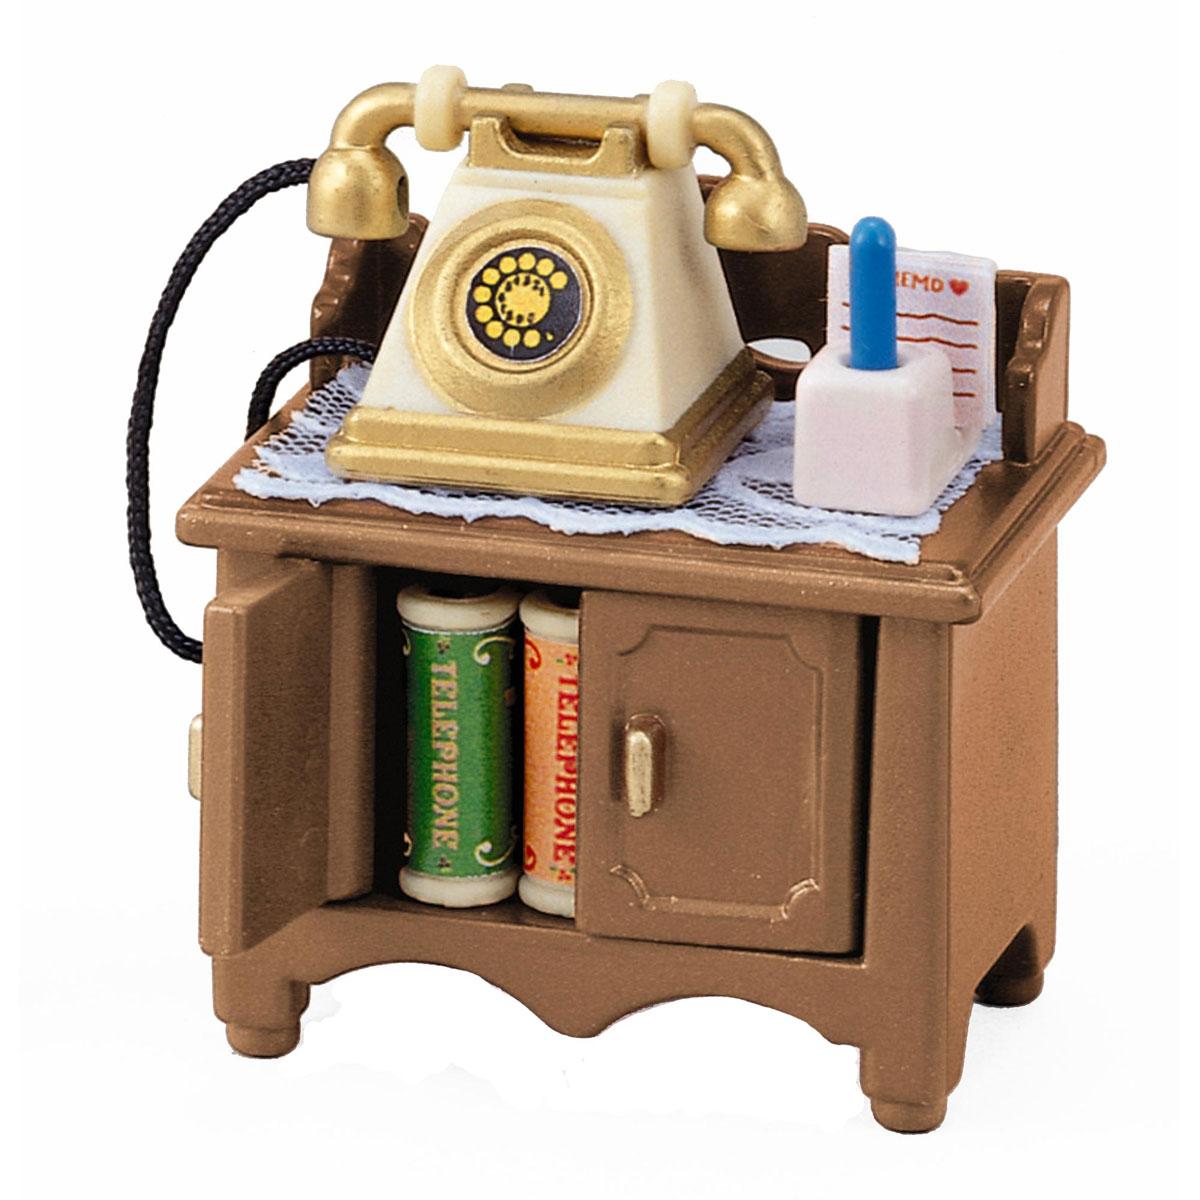 Sylvanian Families Игровой набор Телефон2935KИгровой набор Телефон привлечет внимание вашего ребенка и станет отличным подарком для поклонников жителей чудесной страны Sylvanian Families. В комплект входит телефон, столик, 2 книжки, салфетка, ежедневник, ручка с подставкой и рамка с календарем. Компания была основана в 1985 году, в Японии. Sylvanian Families очень популярен в Европе и Азии, и, за долгие годы существования, компания смогла добиться больших успехов. 3 года подряд в Англии бренд Sylvanian Families был признан Игрушкой Года. Сегодня у героев Sylvanian Families есть собственное шоу, полнометражный мультфильм и сеть ресторанов, работающая по всей Японии. Sylvanian Families - это целый мир маленьких жителей, объединенных общей легендой. Жители страны Sylvanian Families - это кролики, белки, медведи, лисы и многие другие. У каждого из них есть дом, в котором есть все необходимое для счастливой жизни. В городе, где живут герои, есть школа, больница, рынок, пекарня, детский сад...